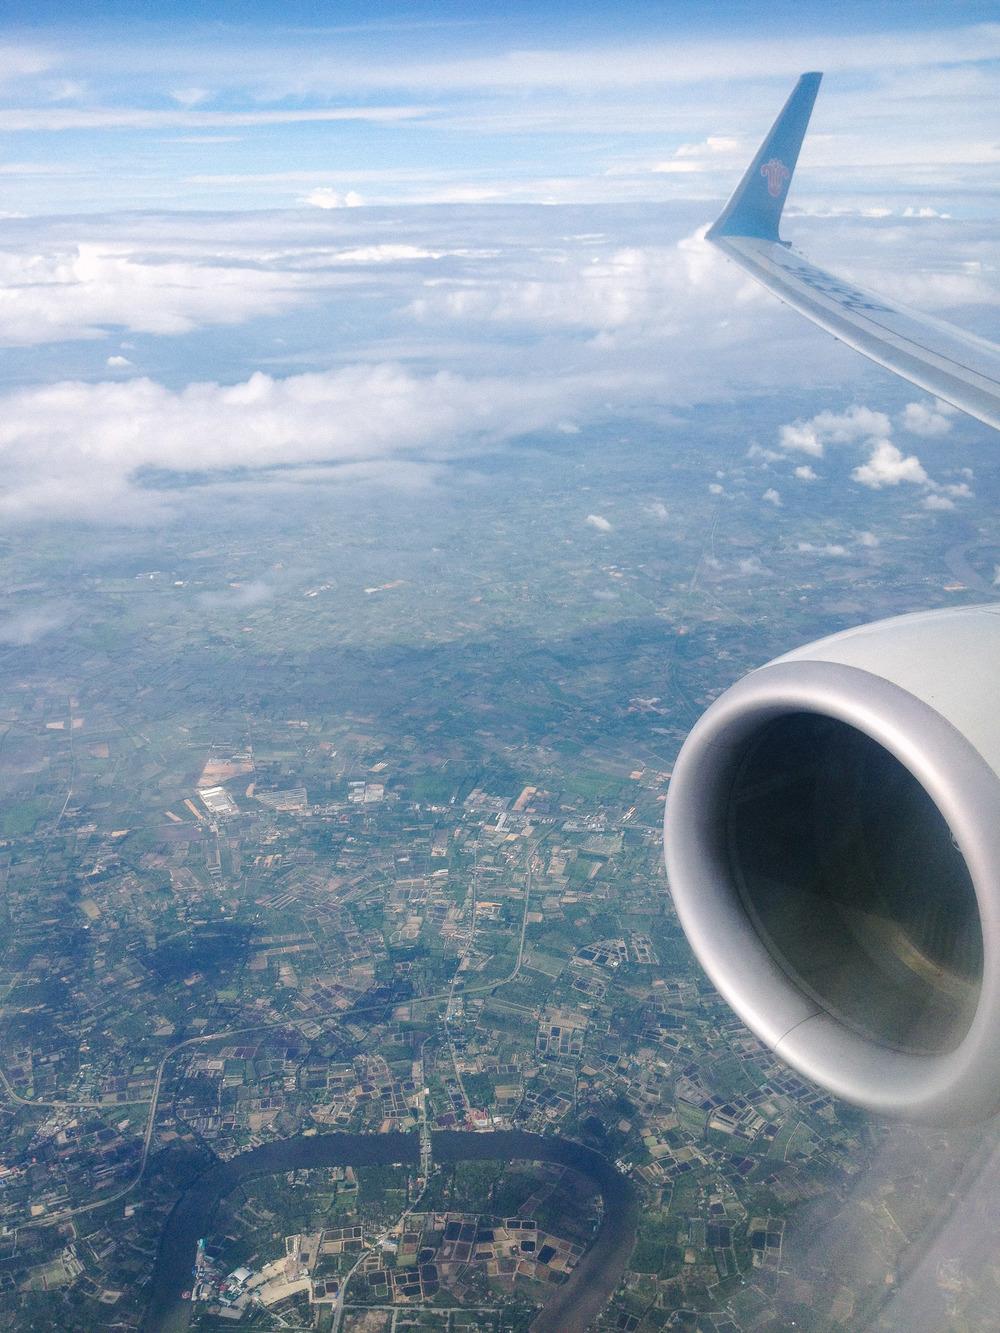 Somewhere over China